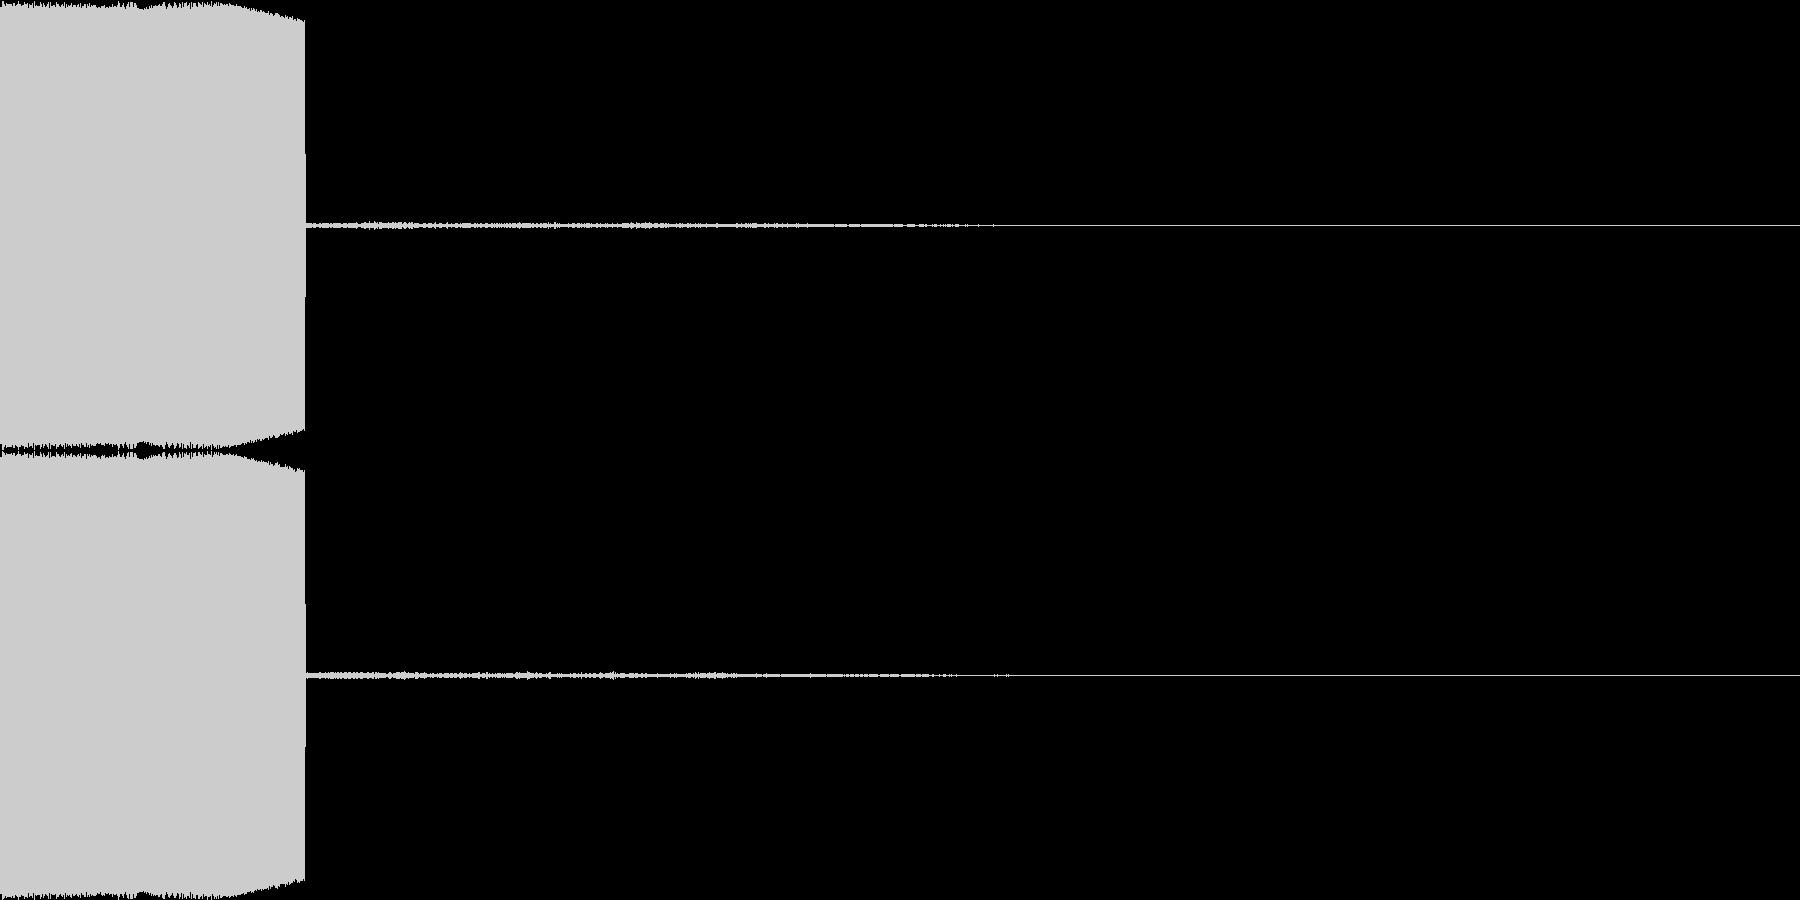 決定音・選択音・入手音【7】の未再生の波形